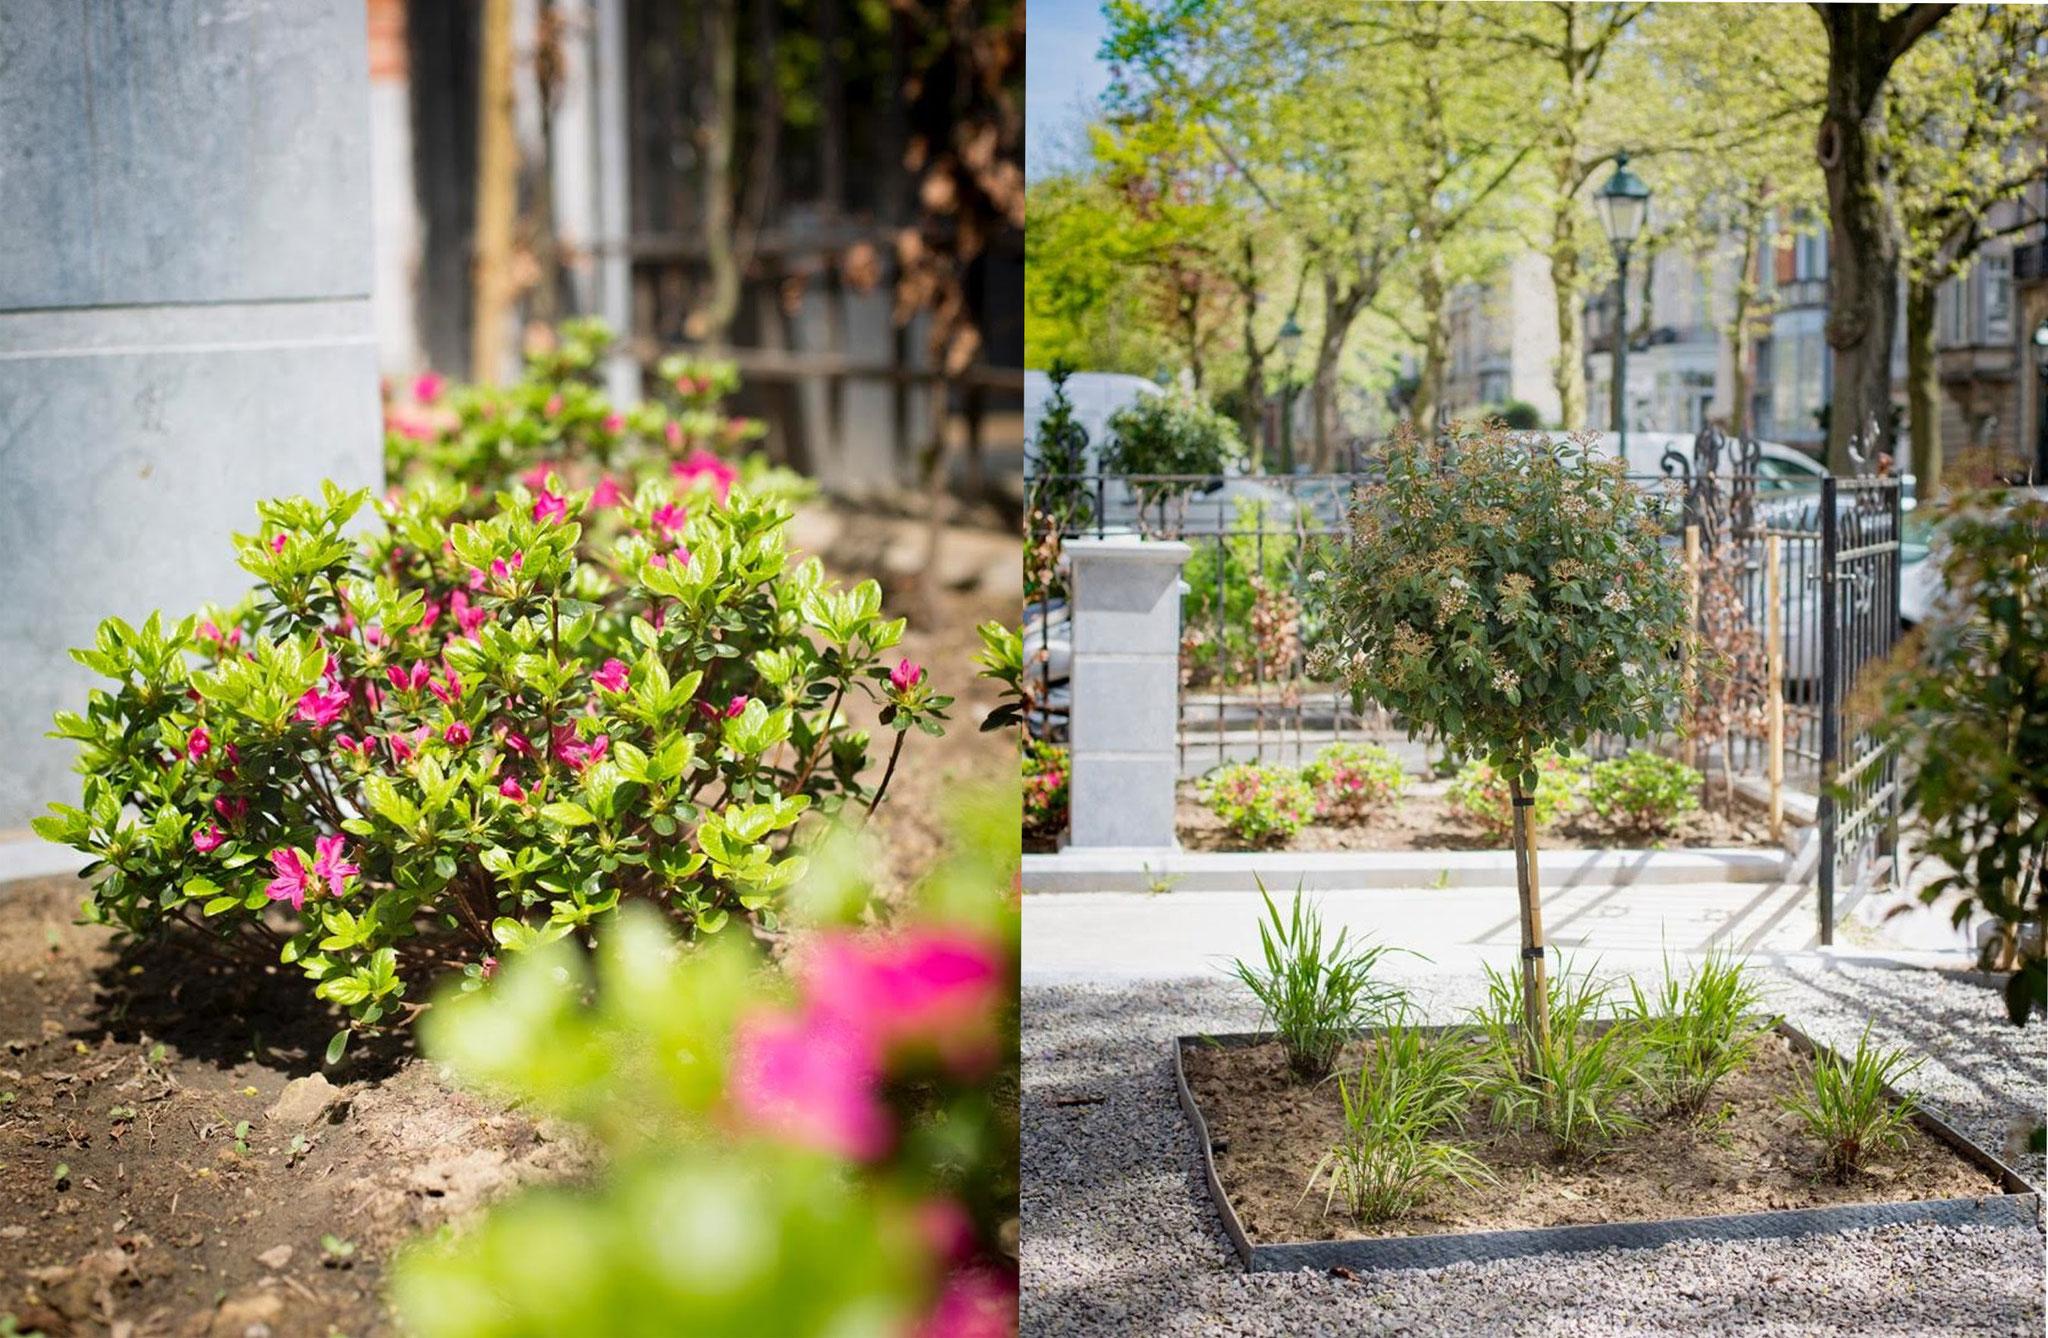 Jardin avant de ville - Conception & réalisation - Photos Coralie de Nobrega 2016. Amenagement jardin Bruxelles